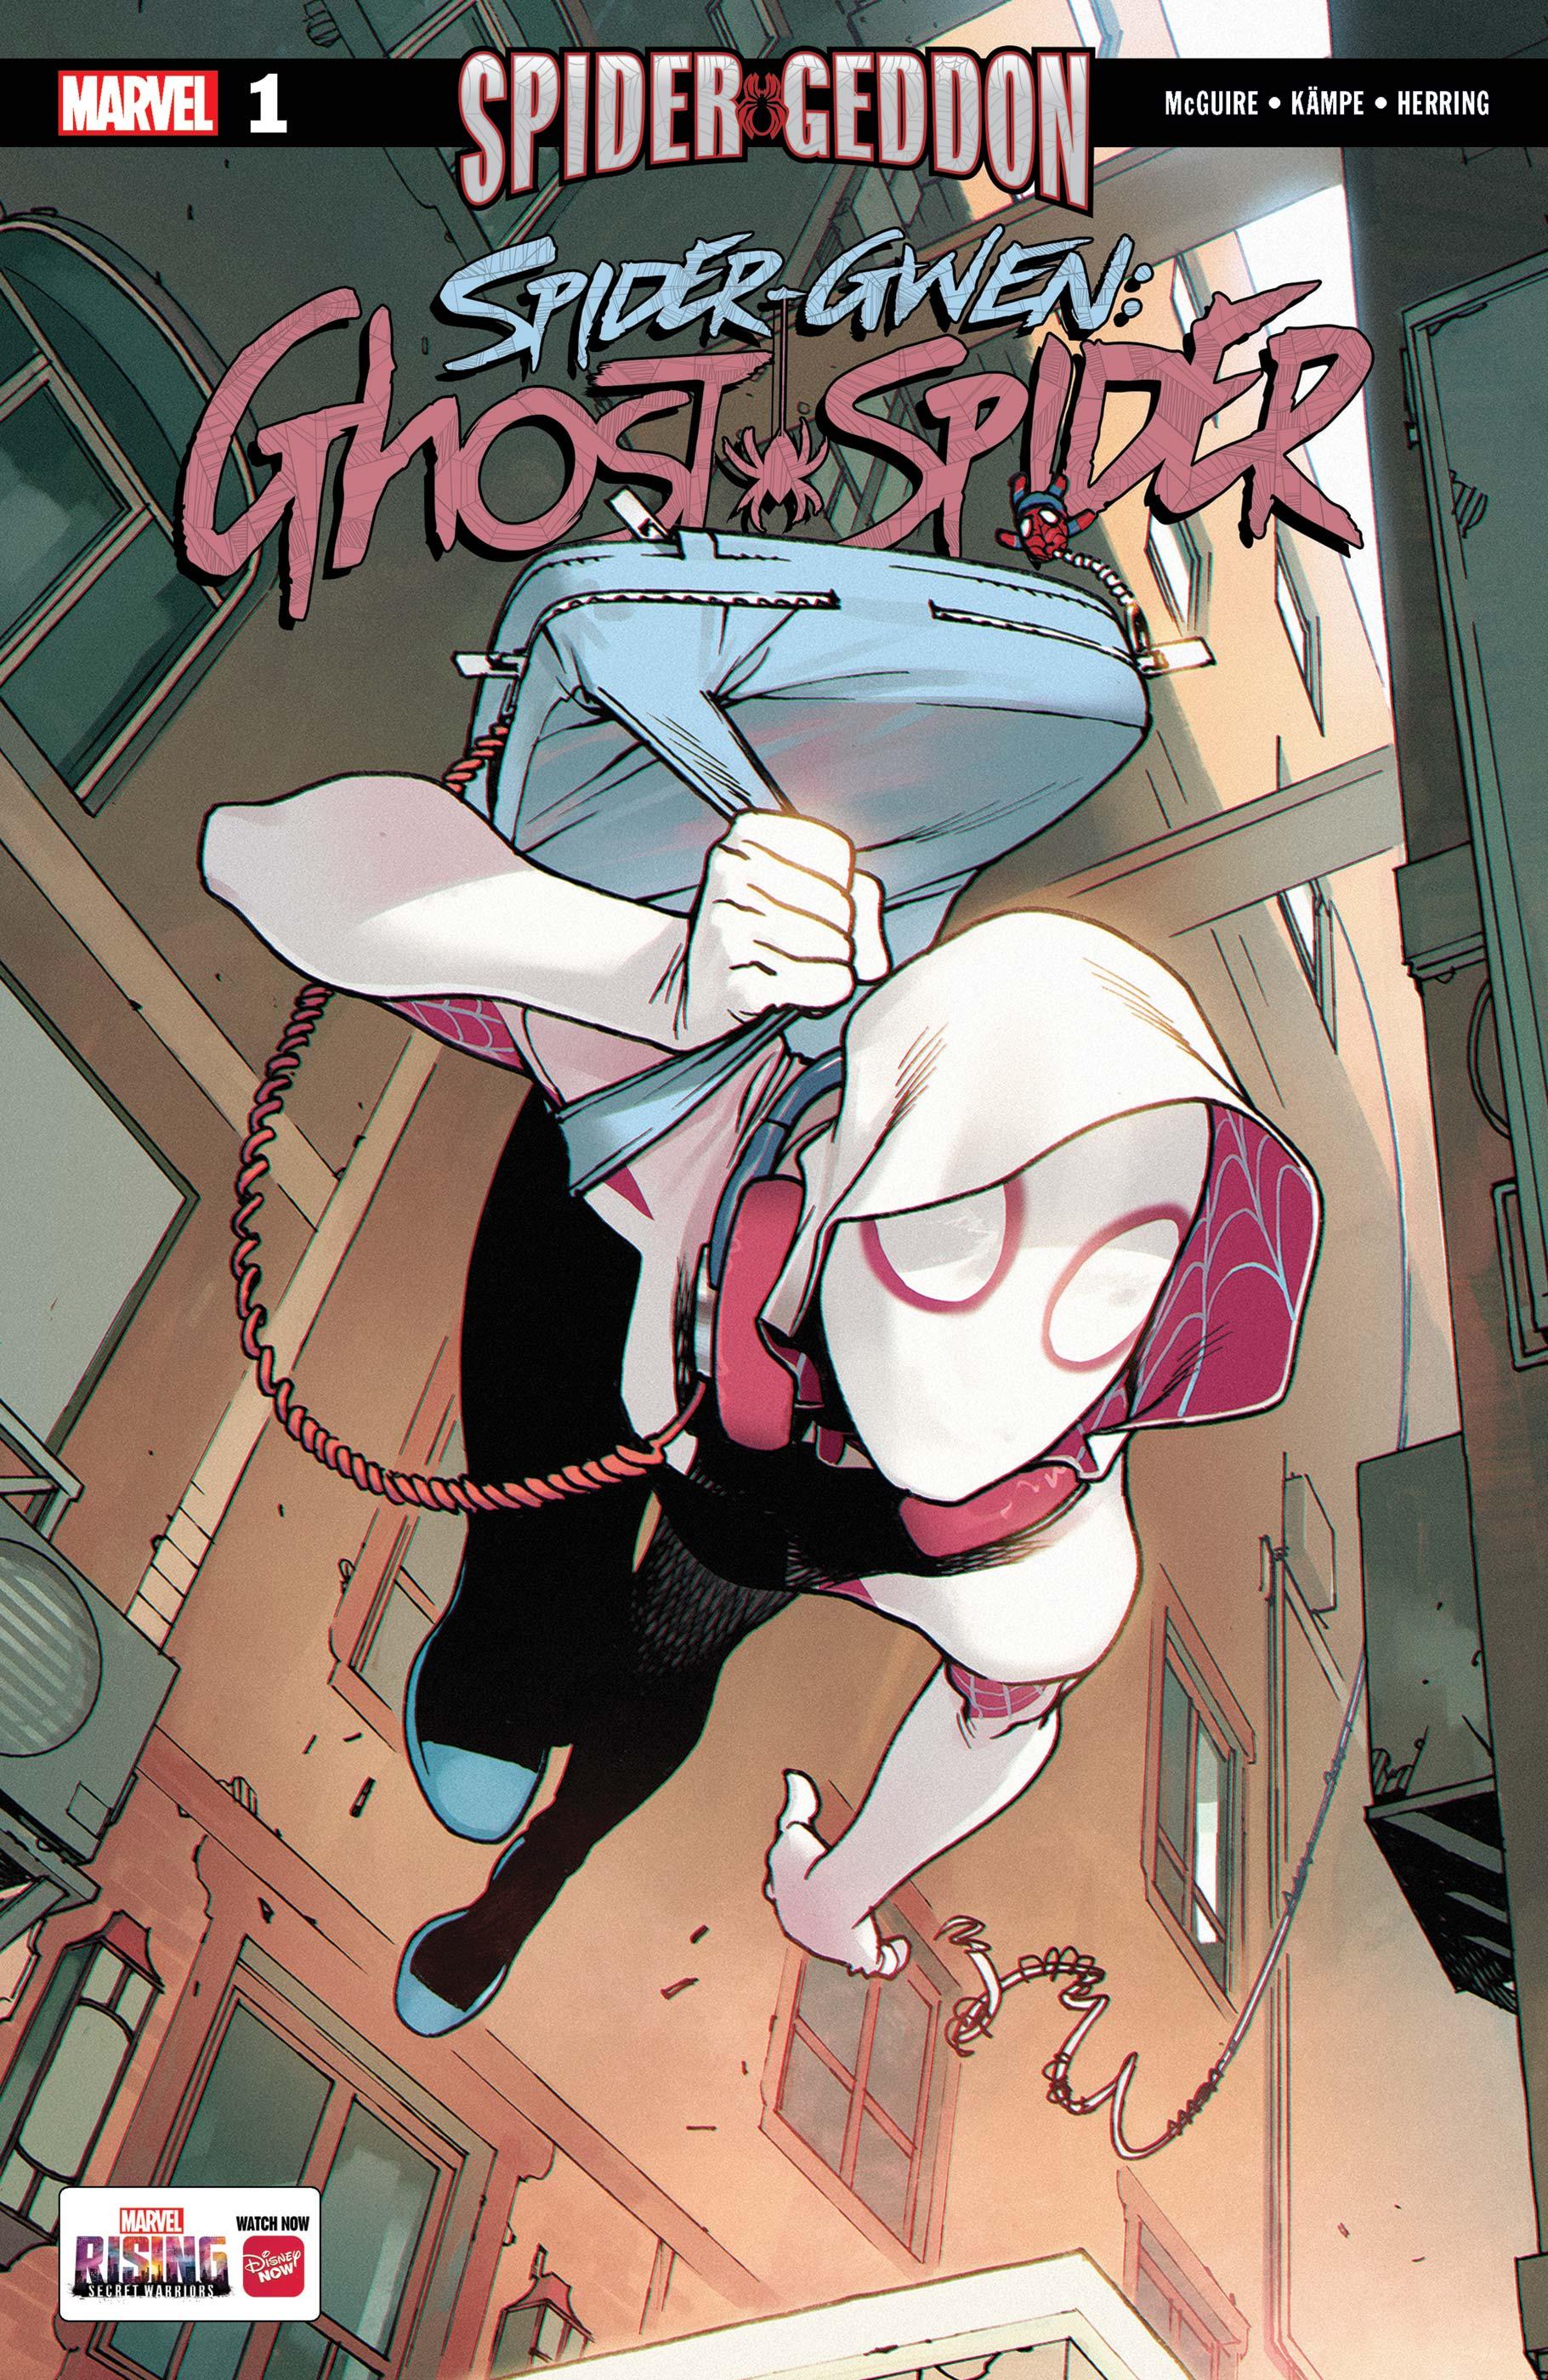 Spider-Gwen: Ghost-Spider (2018) #1